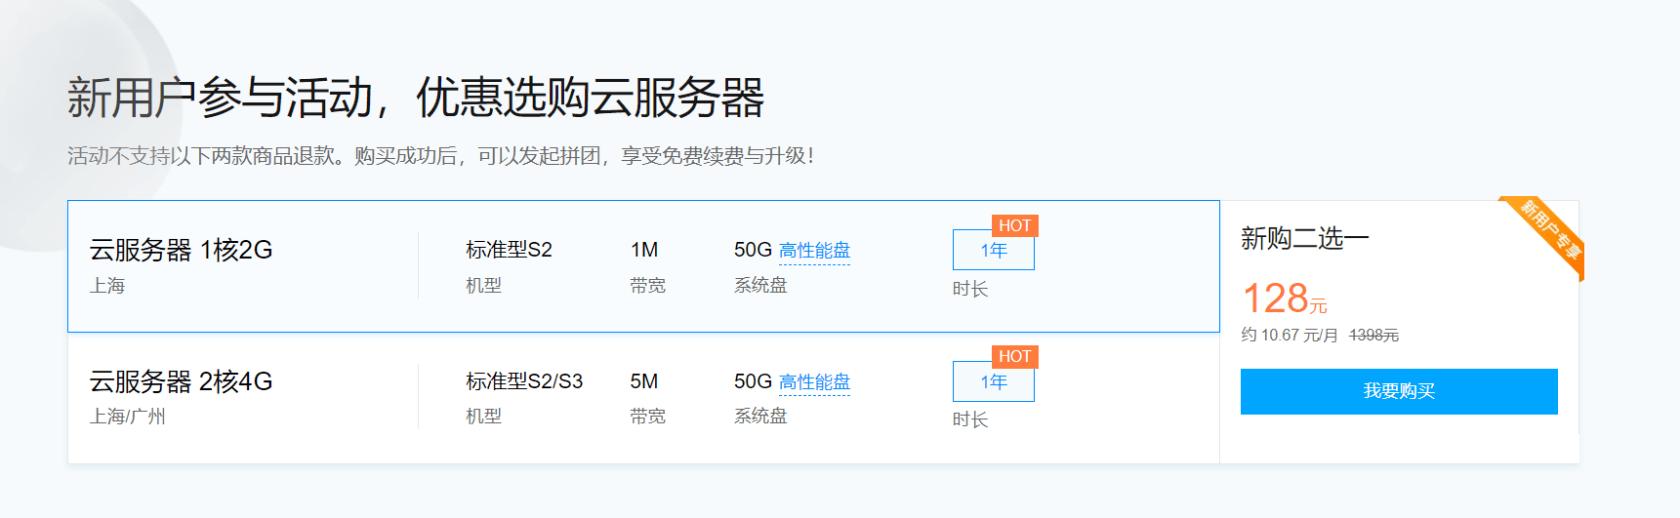 香港cn2_索尼相机包lcs-csx/vc-cn2紫_香港vps cn2